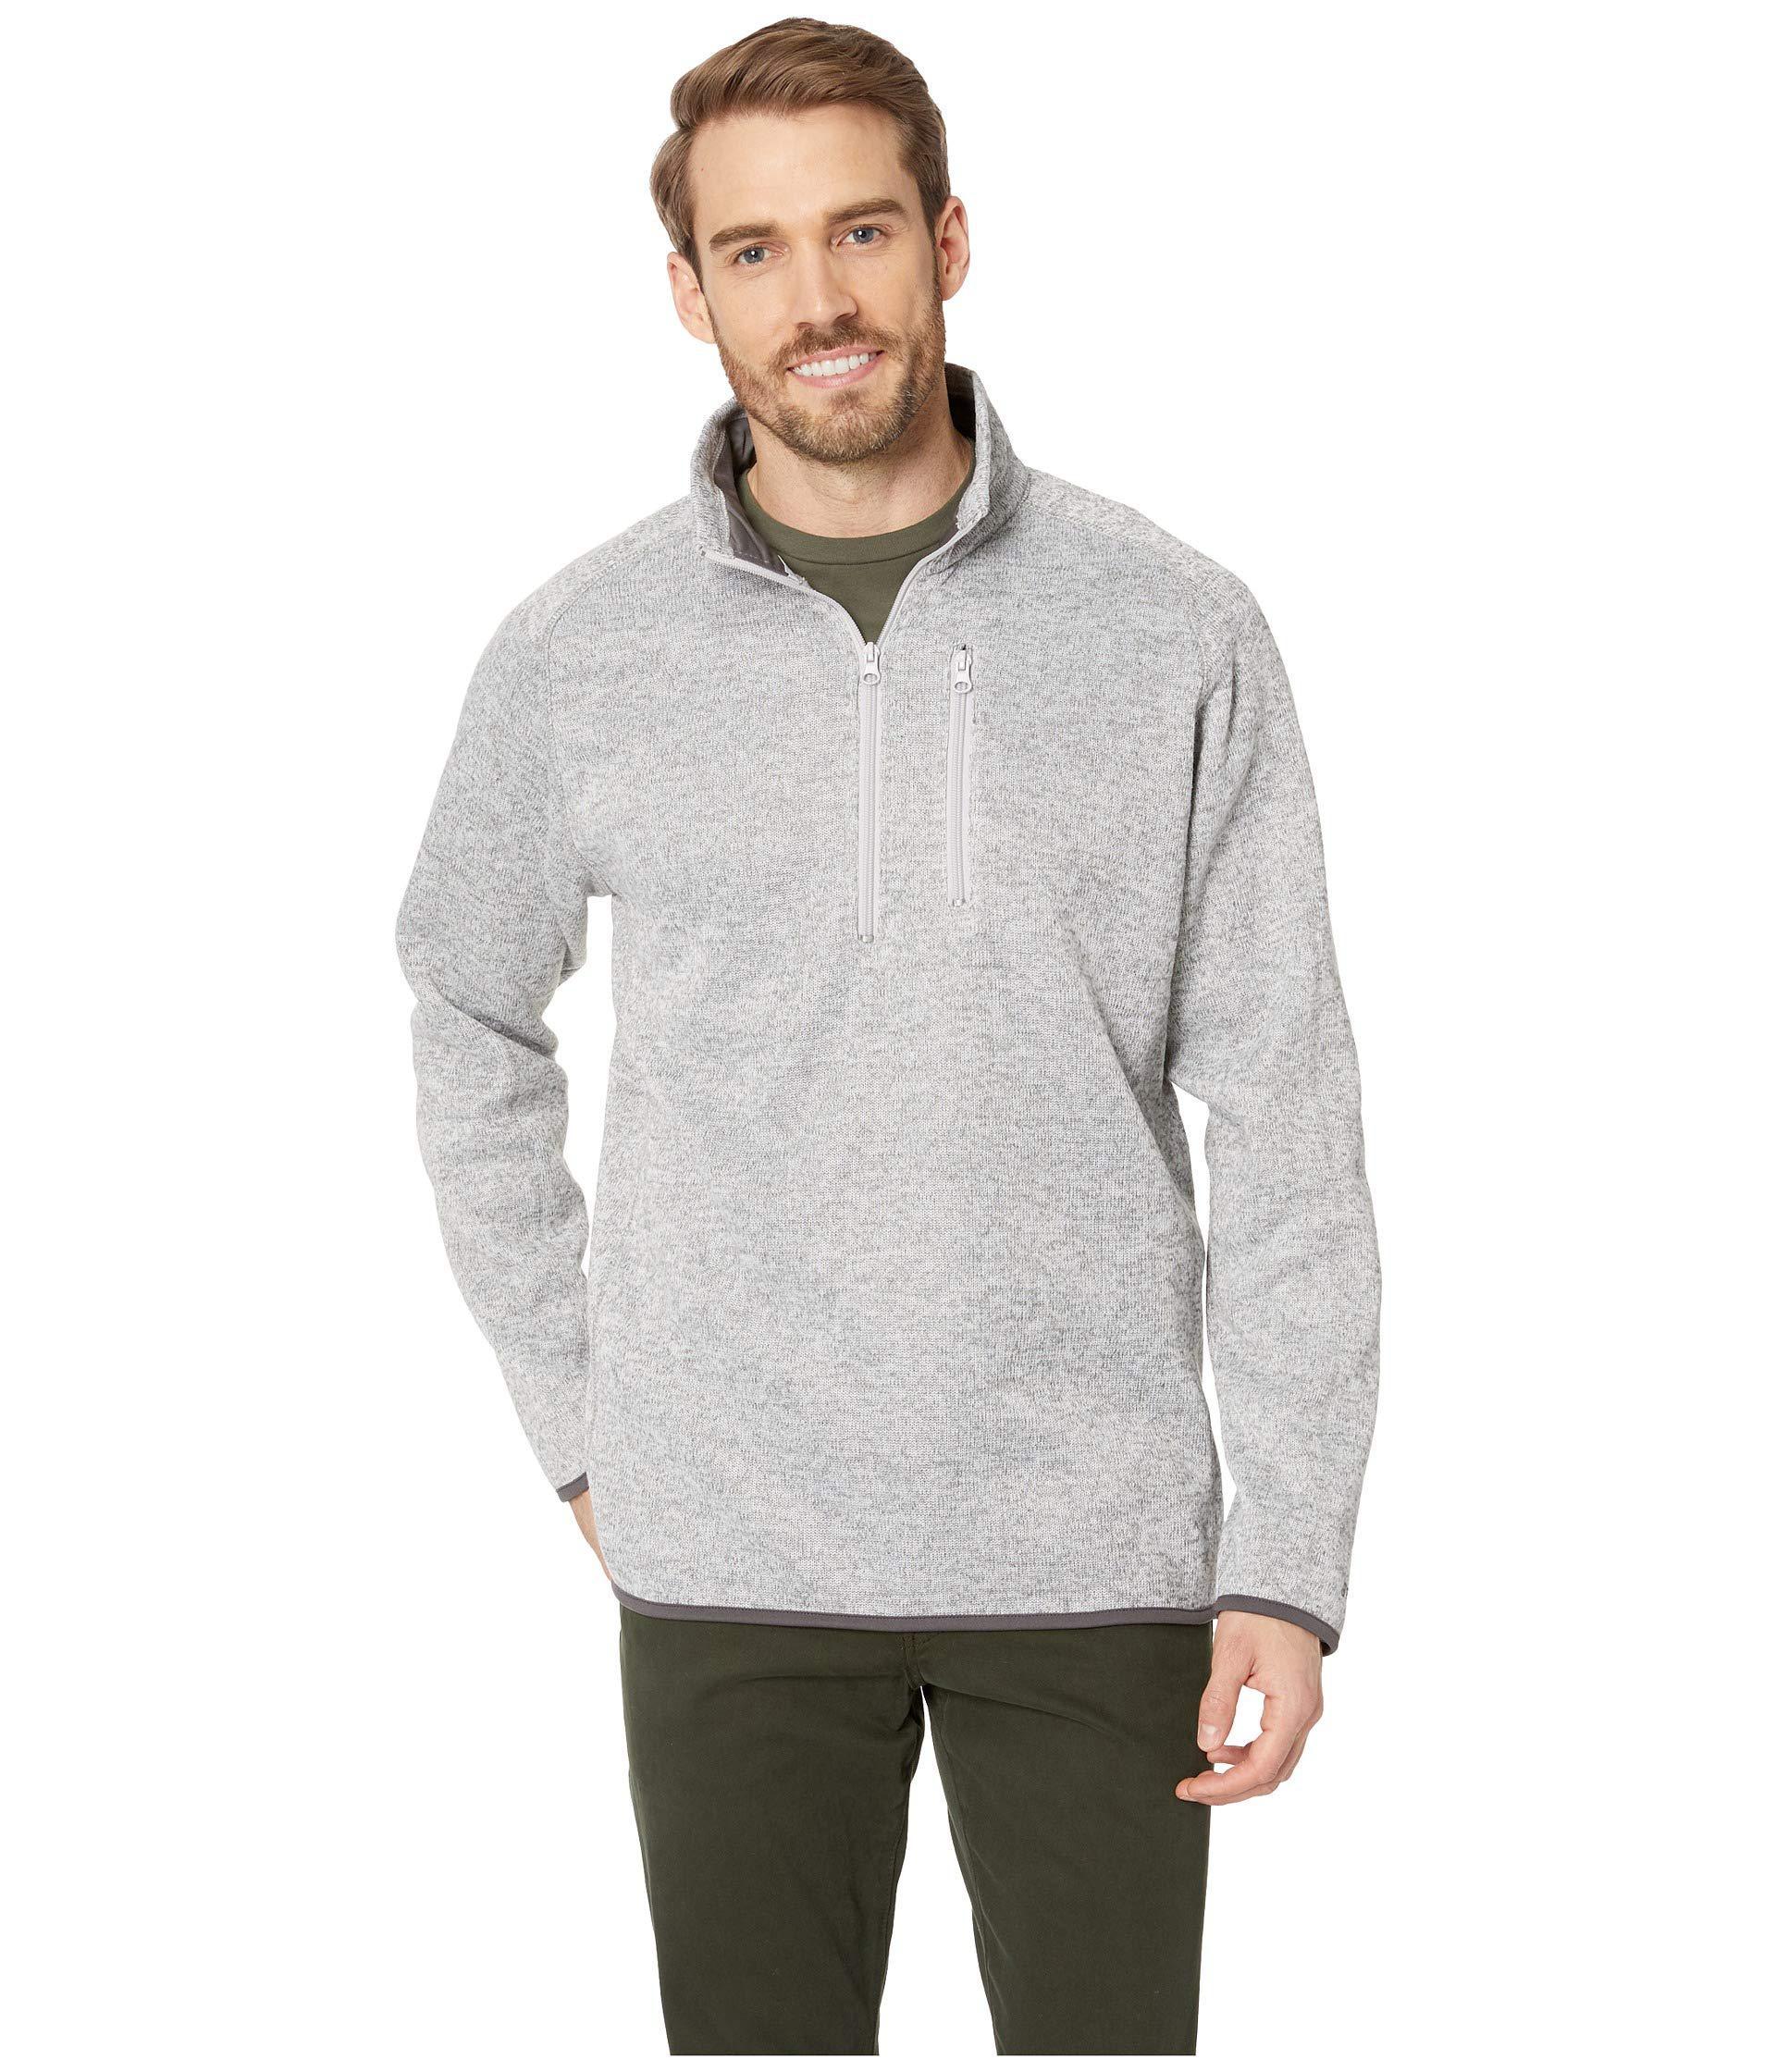 57b442e2 Lyst - Stetson 2393 Bonded Sweater (gray) Men's Sweater in Gray for Men